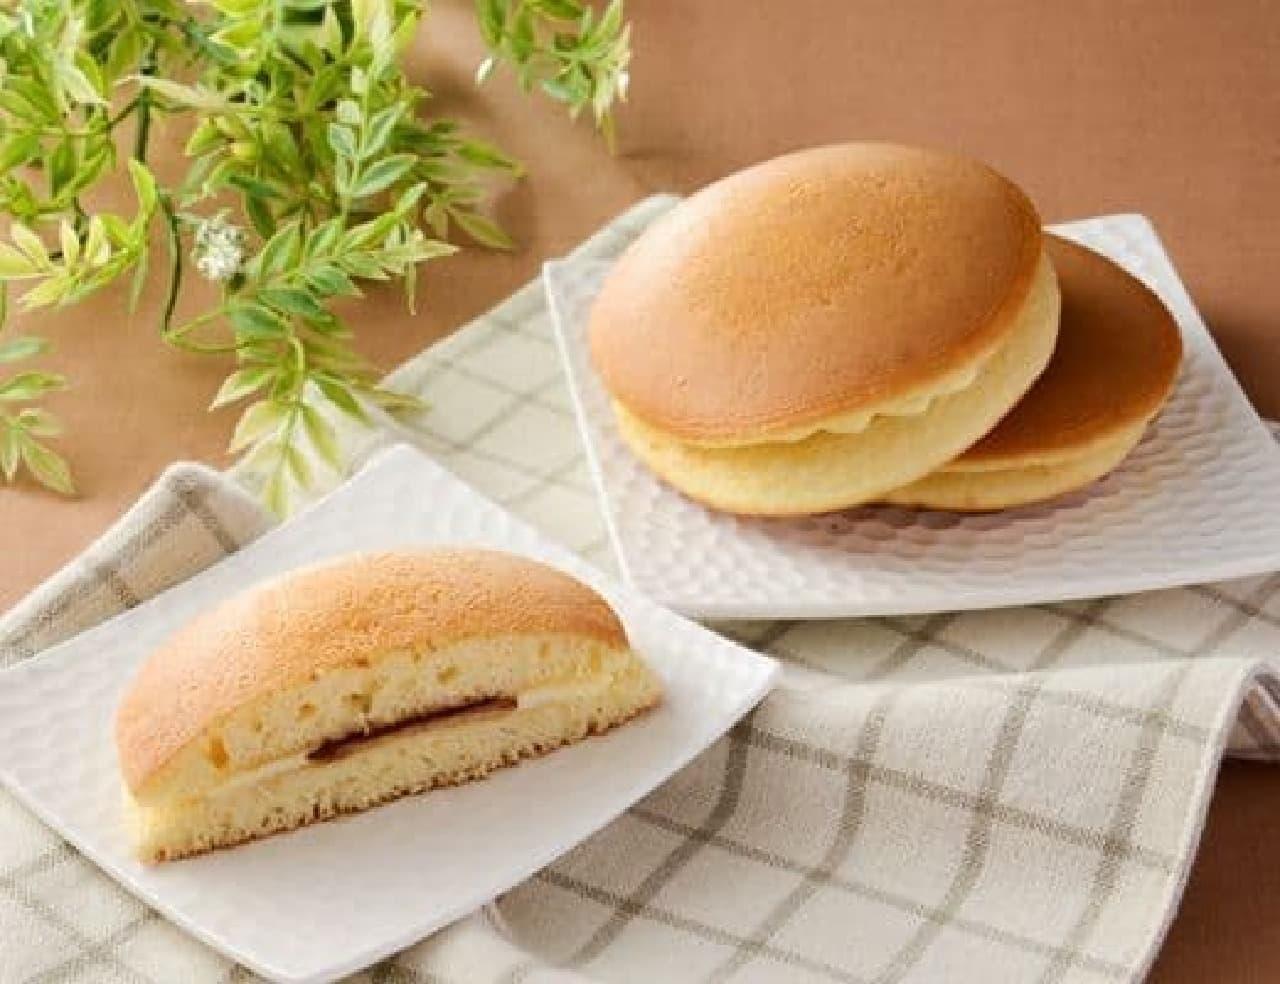 ローソン「ふわふわホットケーキ 国産小麦粉使用 2個入」